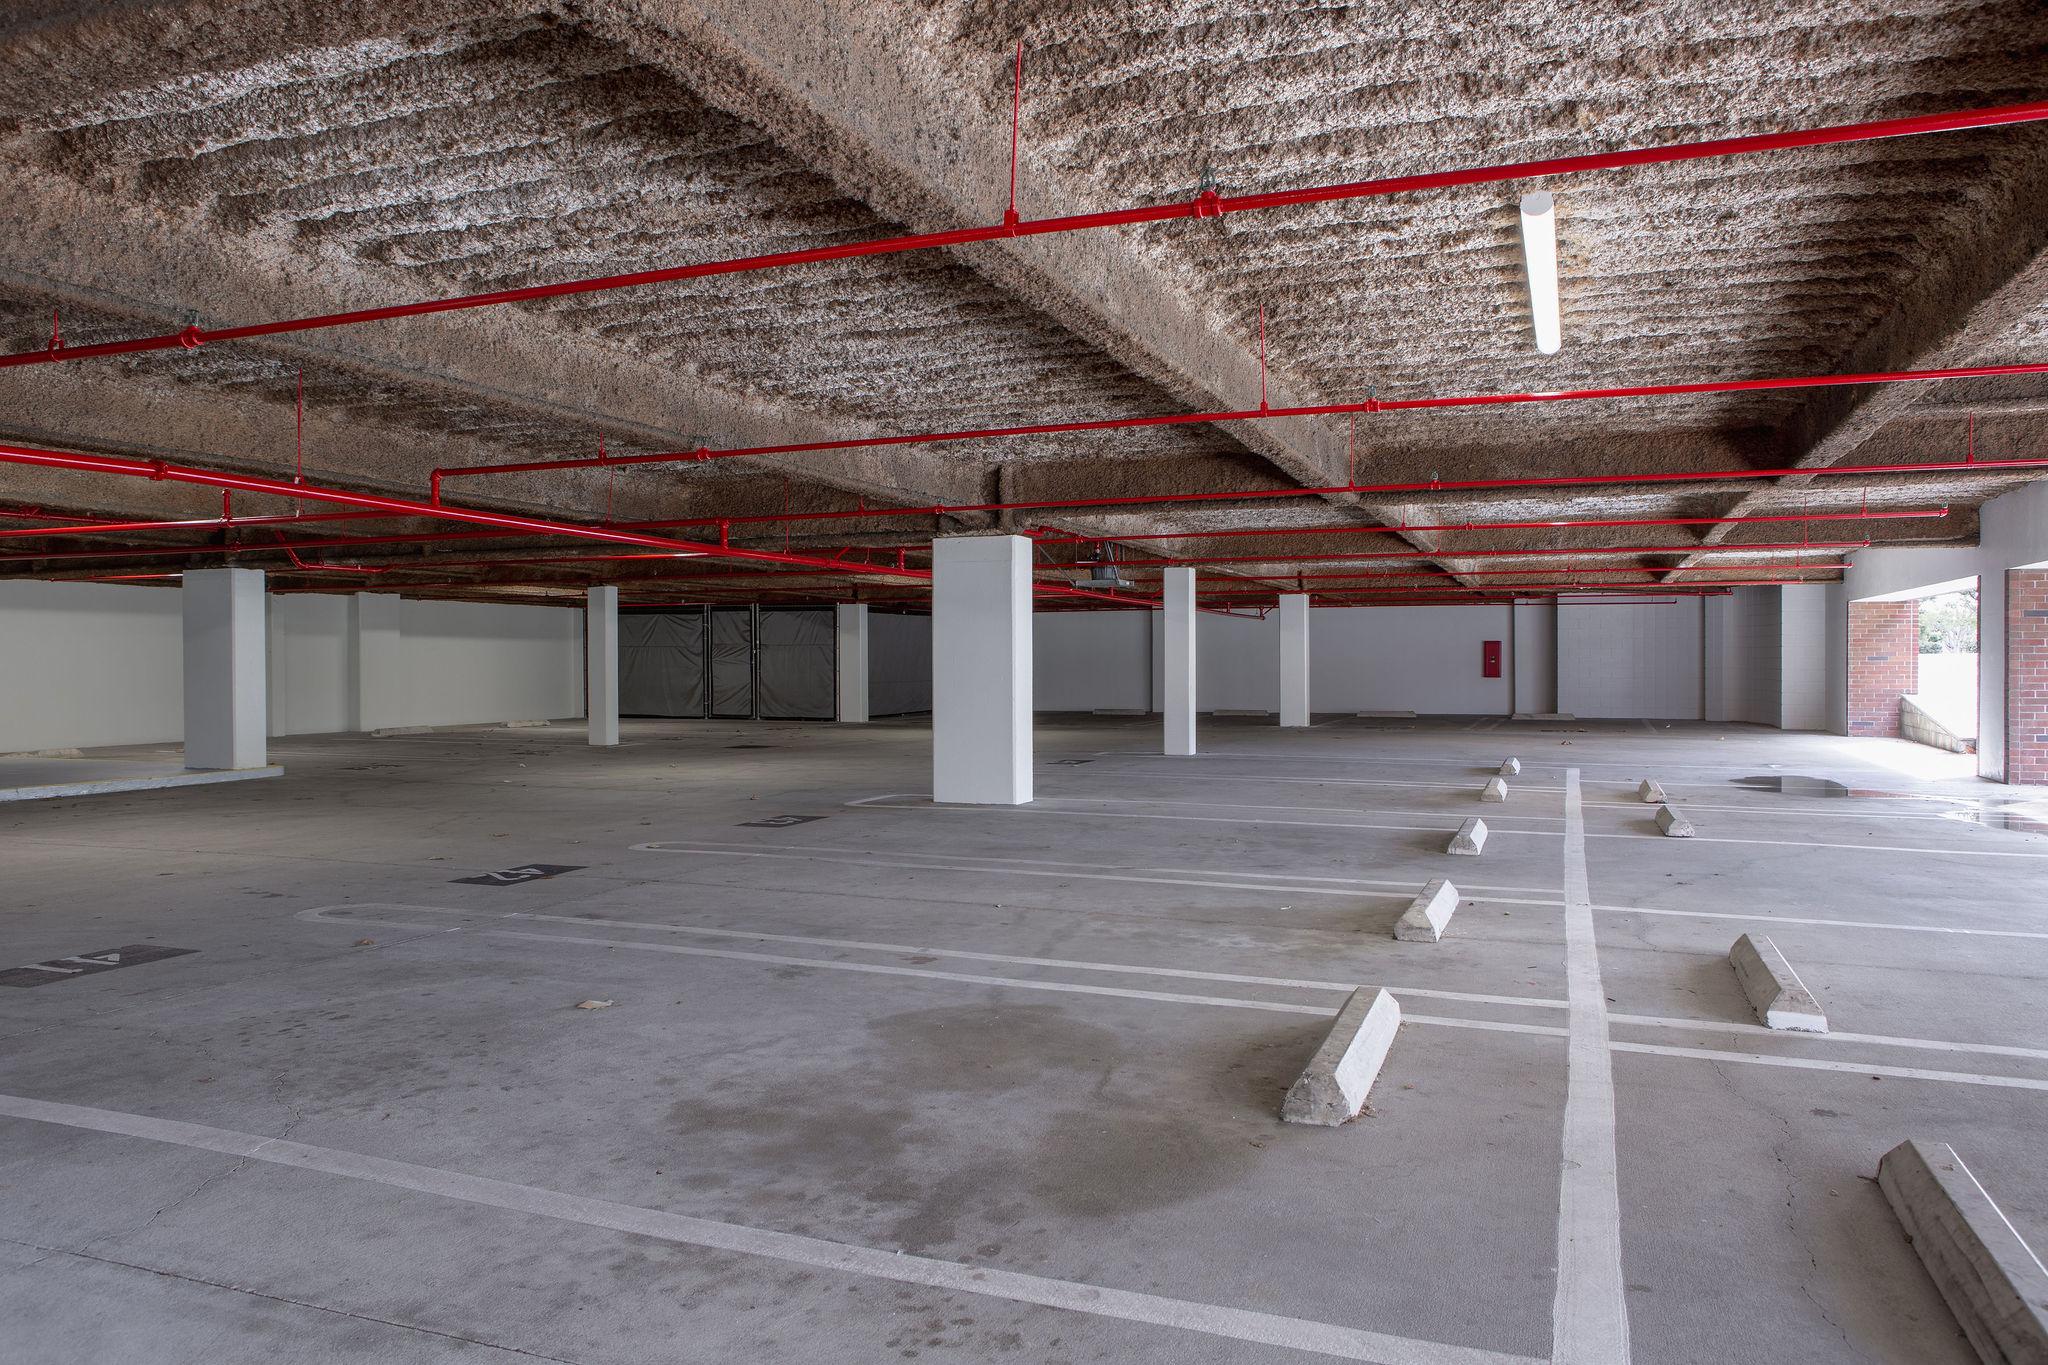 17300_redhill_after_parking_garage